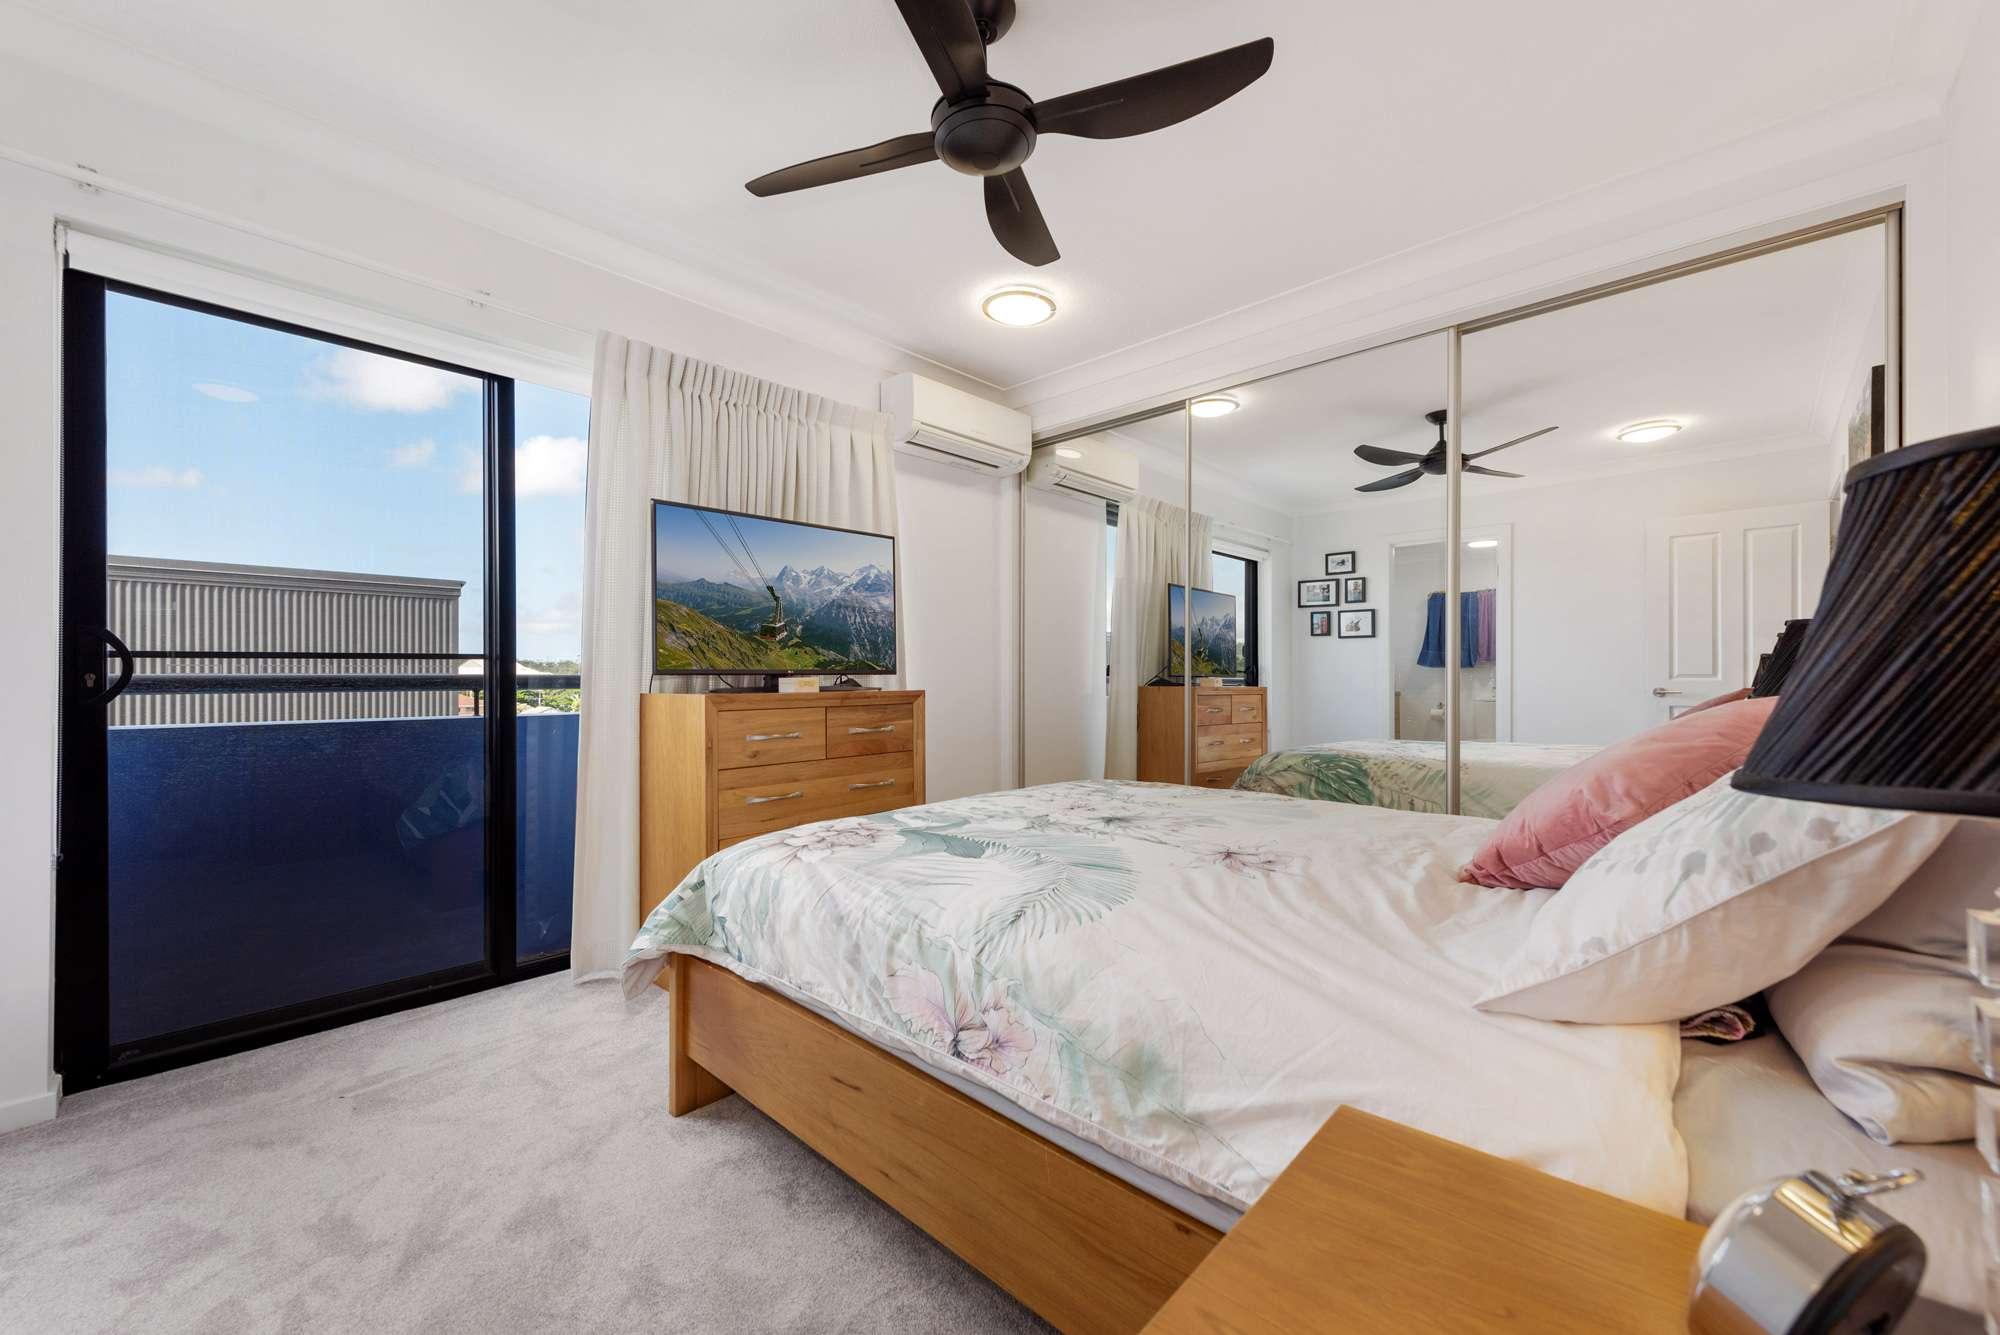 12/2180 Logan Road, Upper Mount Gravatt, QLD 4122